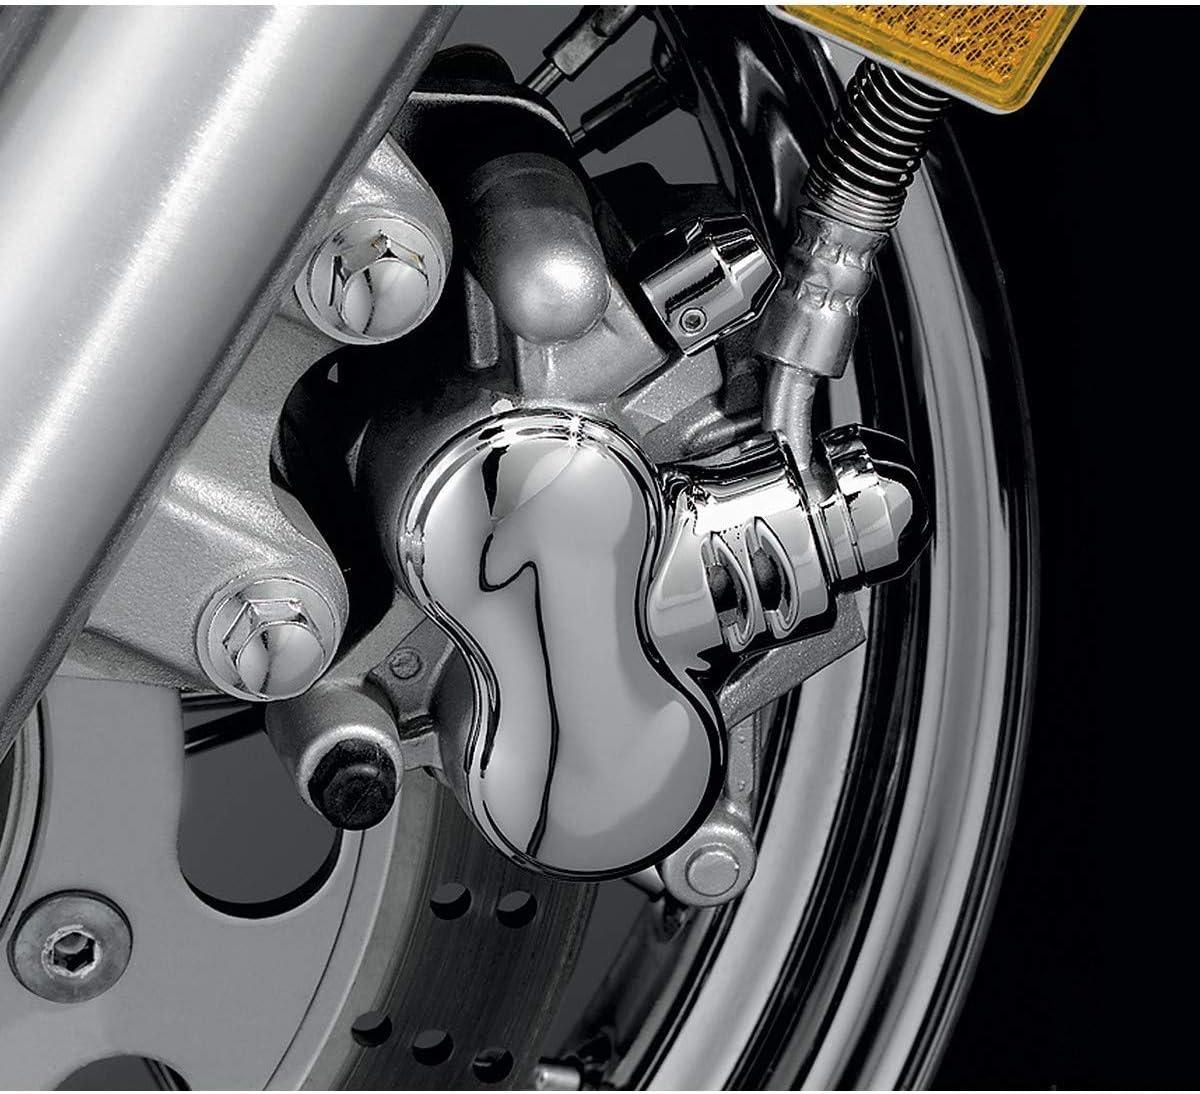 Kuryakyn Chrome Caliper Cover Kawasaki VN Suzuki VL800 C50 Yamaha XVS950 1100 1300